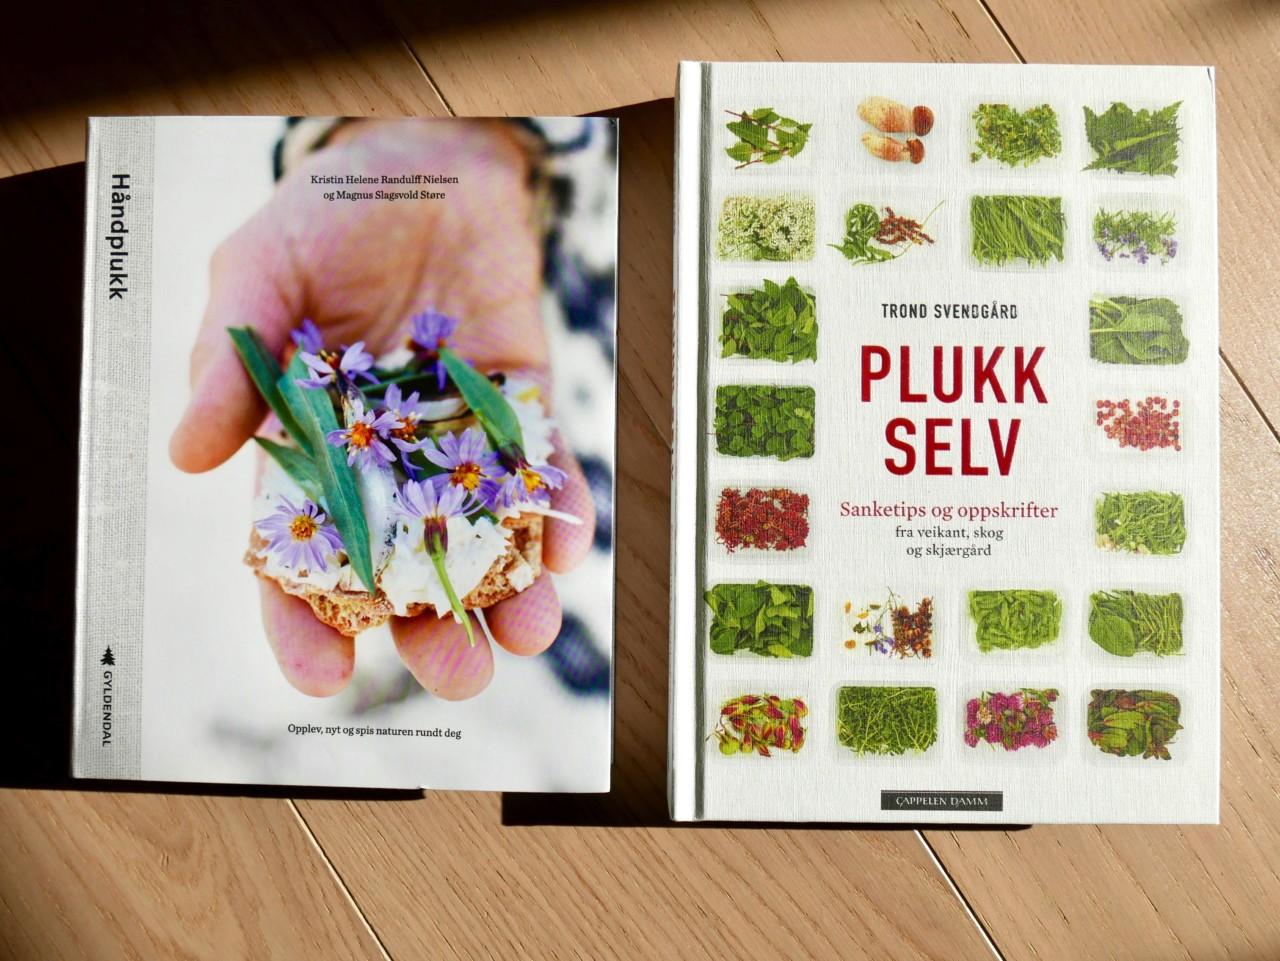 handplukk-plukk-selv-sanking-kokebok-green-house